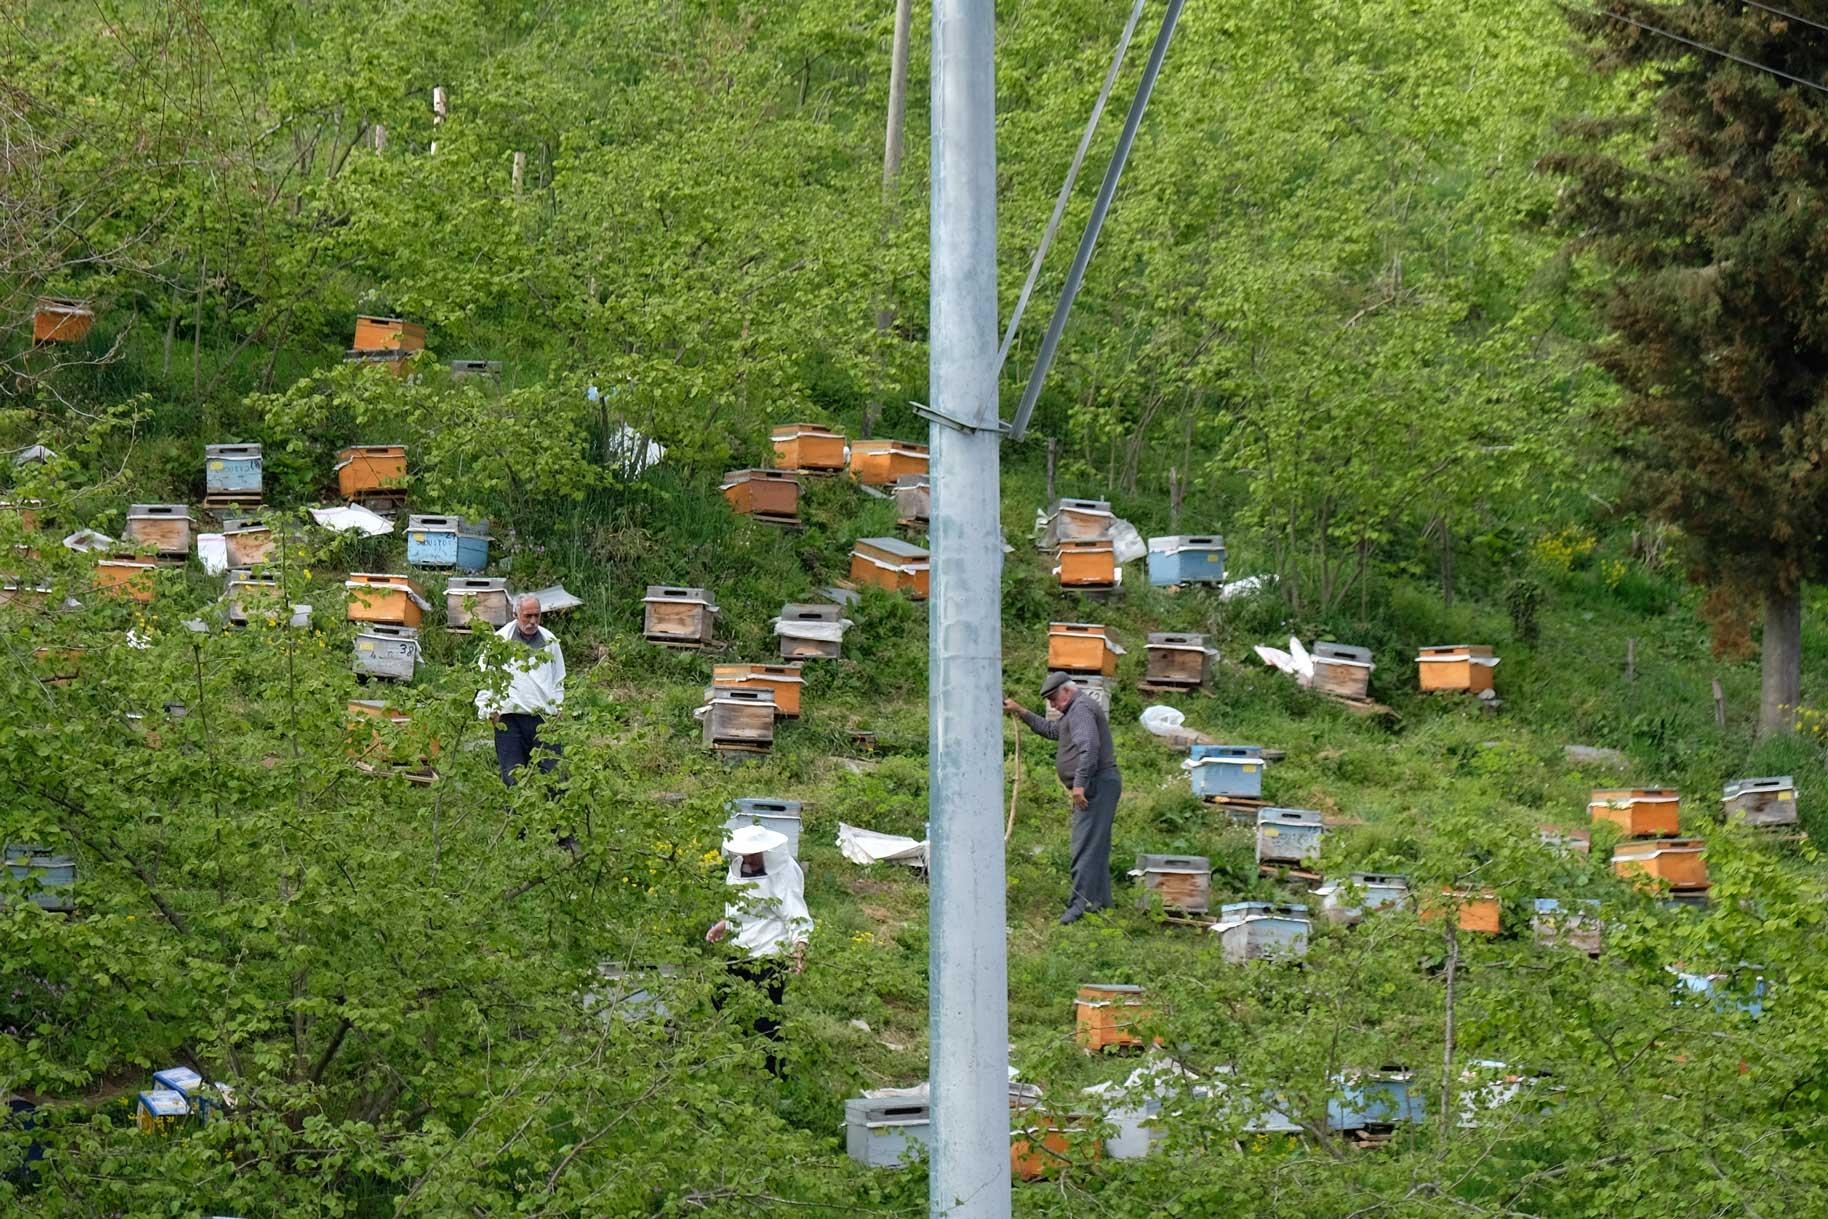 Dazwischen stehen immer wieder Bienenkästen, die hier gerade gewartet werden